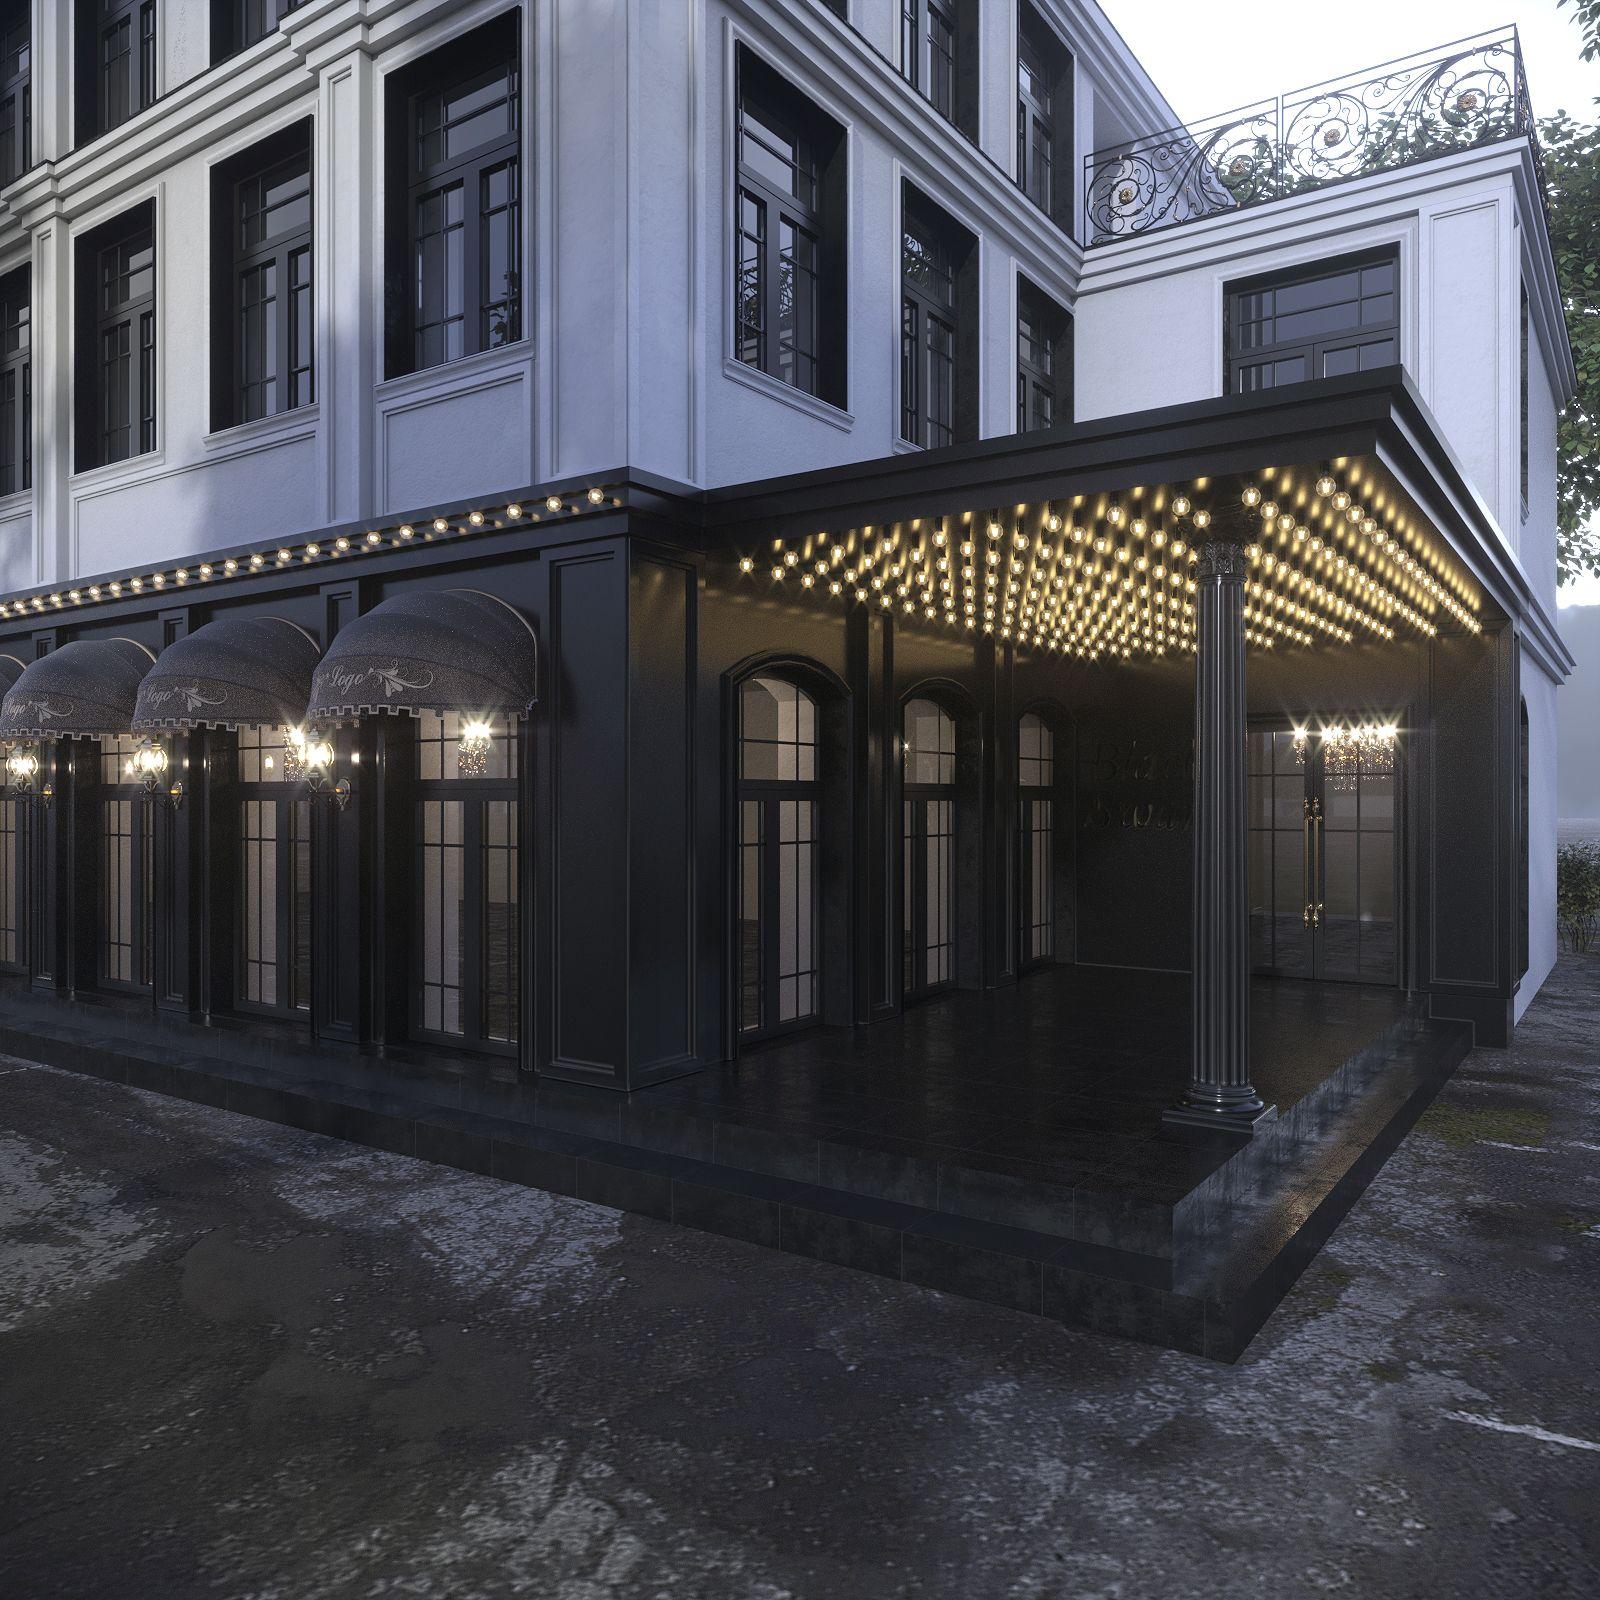 Архитектурный проект реконструкции гостиницы в центре Москвы